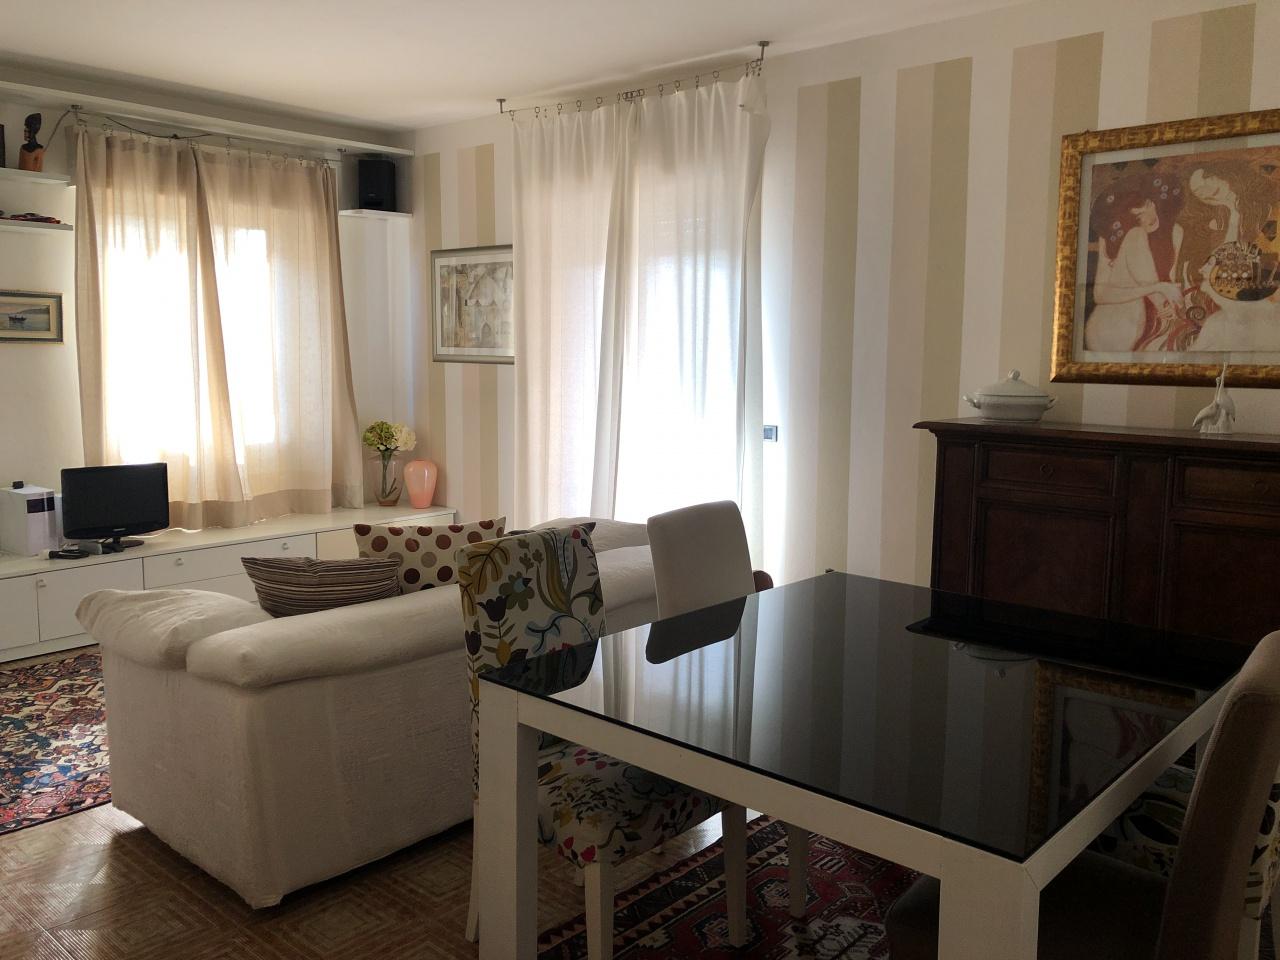 Appartamento in vendita a Roccastrada, 5 locali, prezzo € 155.000 | PortaleAgenzieImmobiliari.it